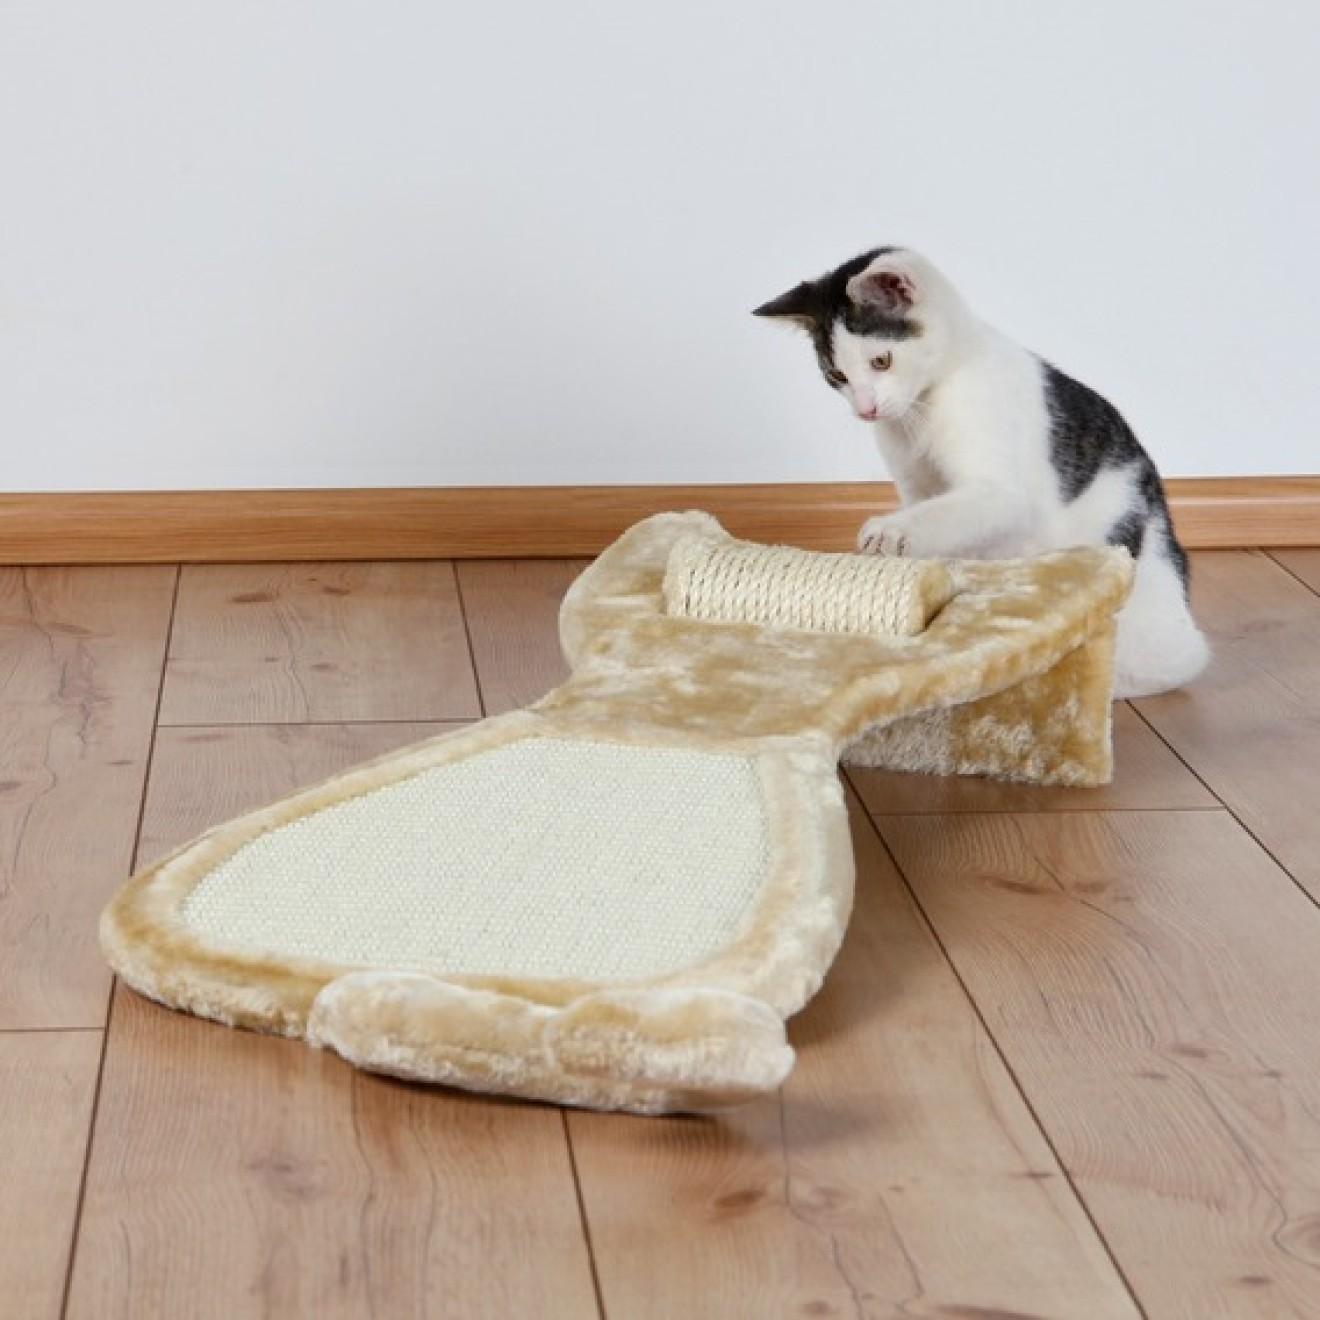 kratzbrett in katzenform mit sisalrolle kratzspielzeug. Black Bedroom Furniture Sets. Home Design Ideas